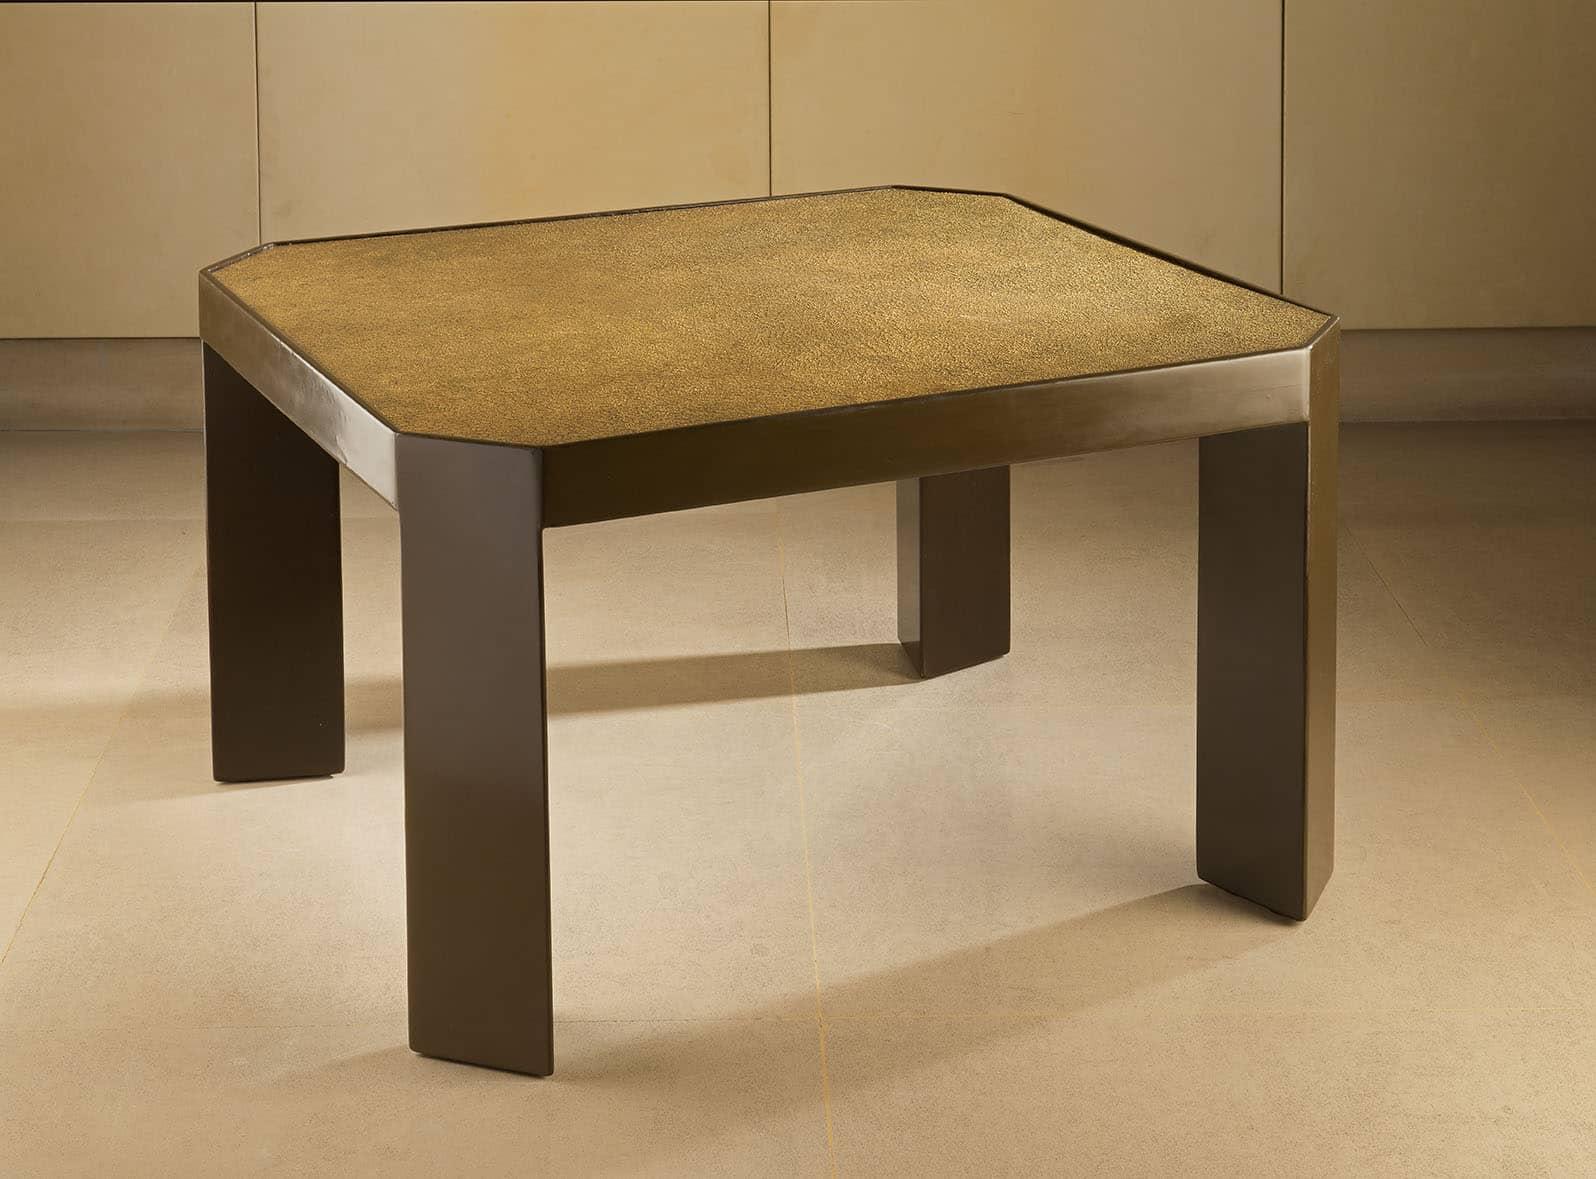 Table basse en laque brune reposant sur des pieds triangles. Le plateau est en laque arrachée mordorée.